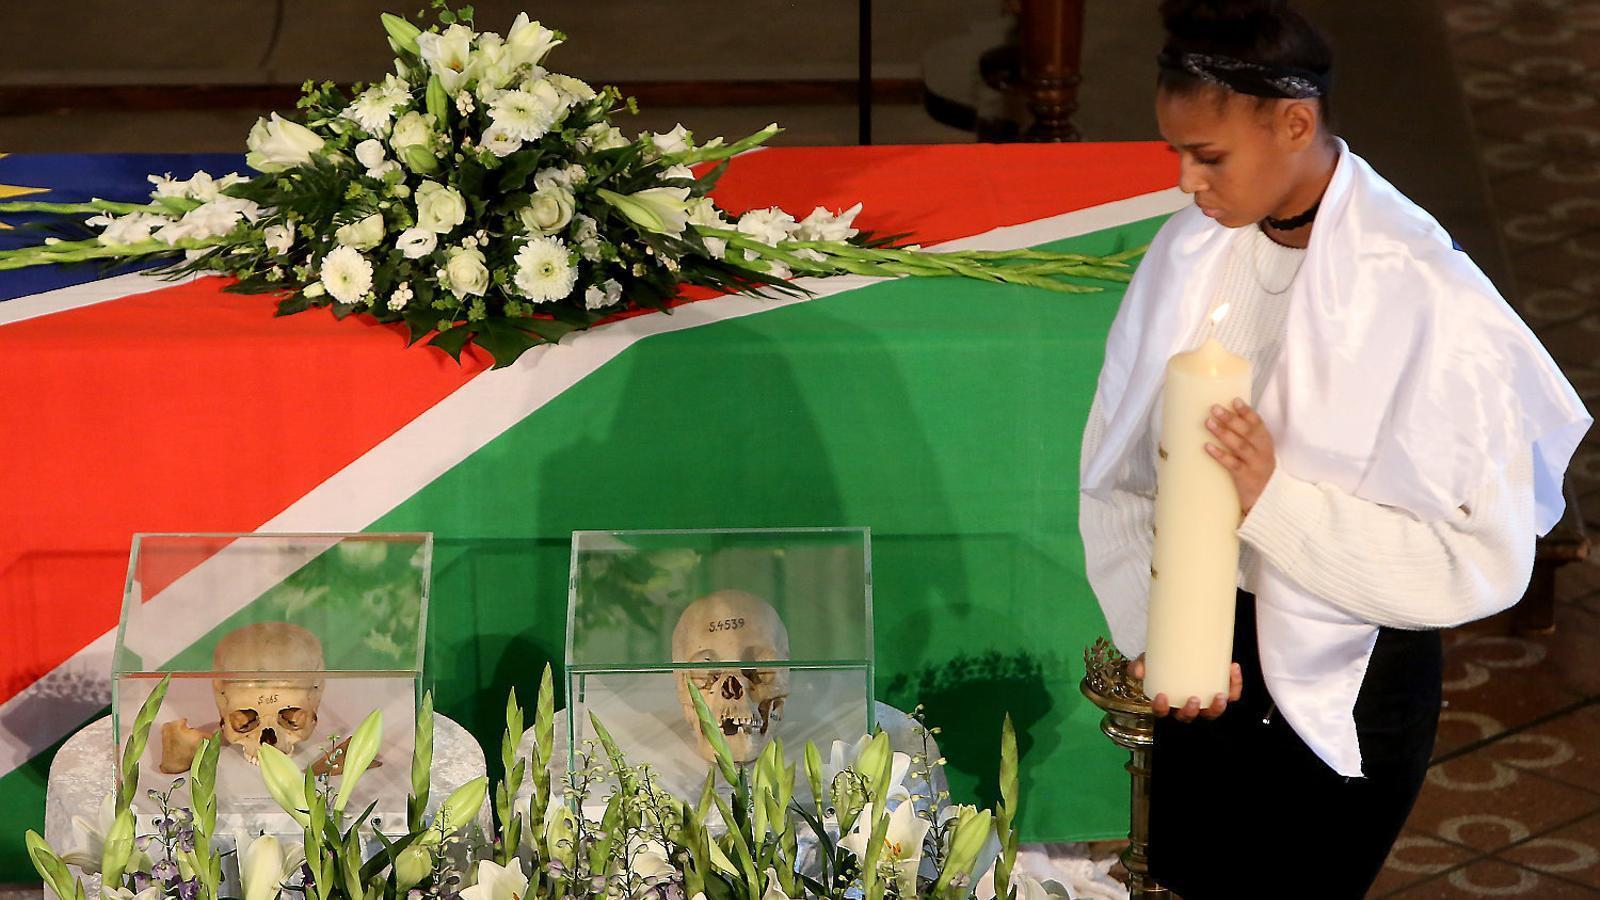 Alemanya torna a Namíbia restes  del genocidi que va cometre al país